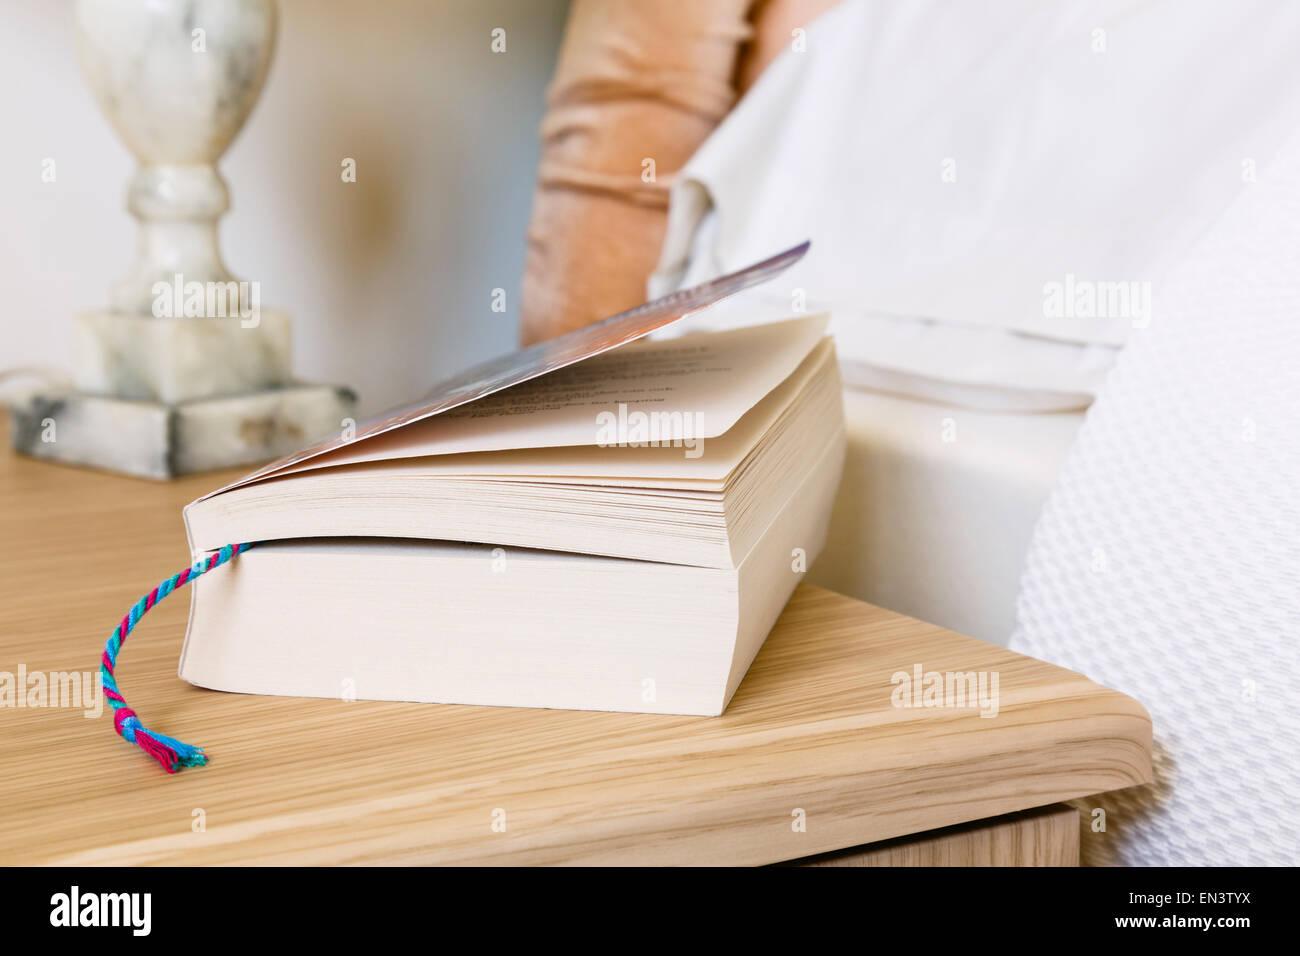 Scène quotidienne d'un livre de poche de la matière à lire avec signet marquer une page sur une Photo Stock